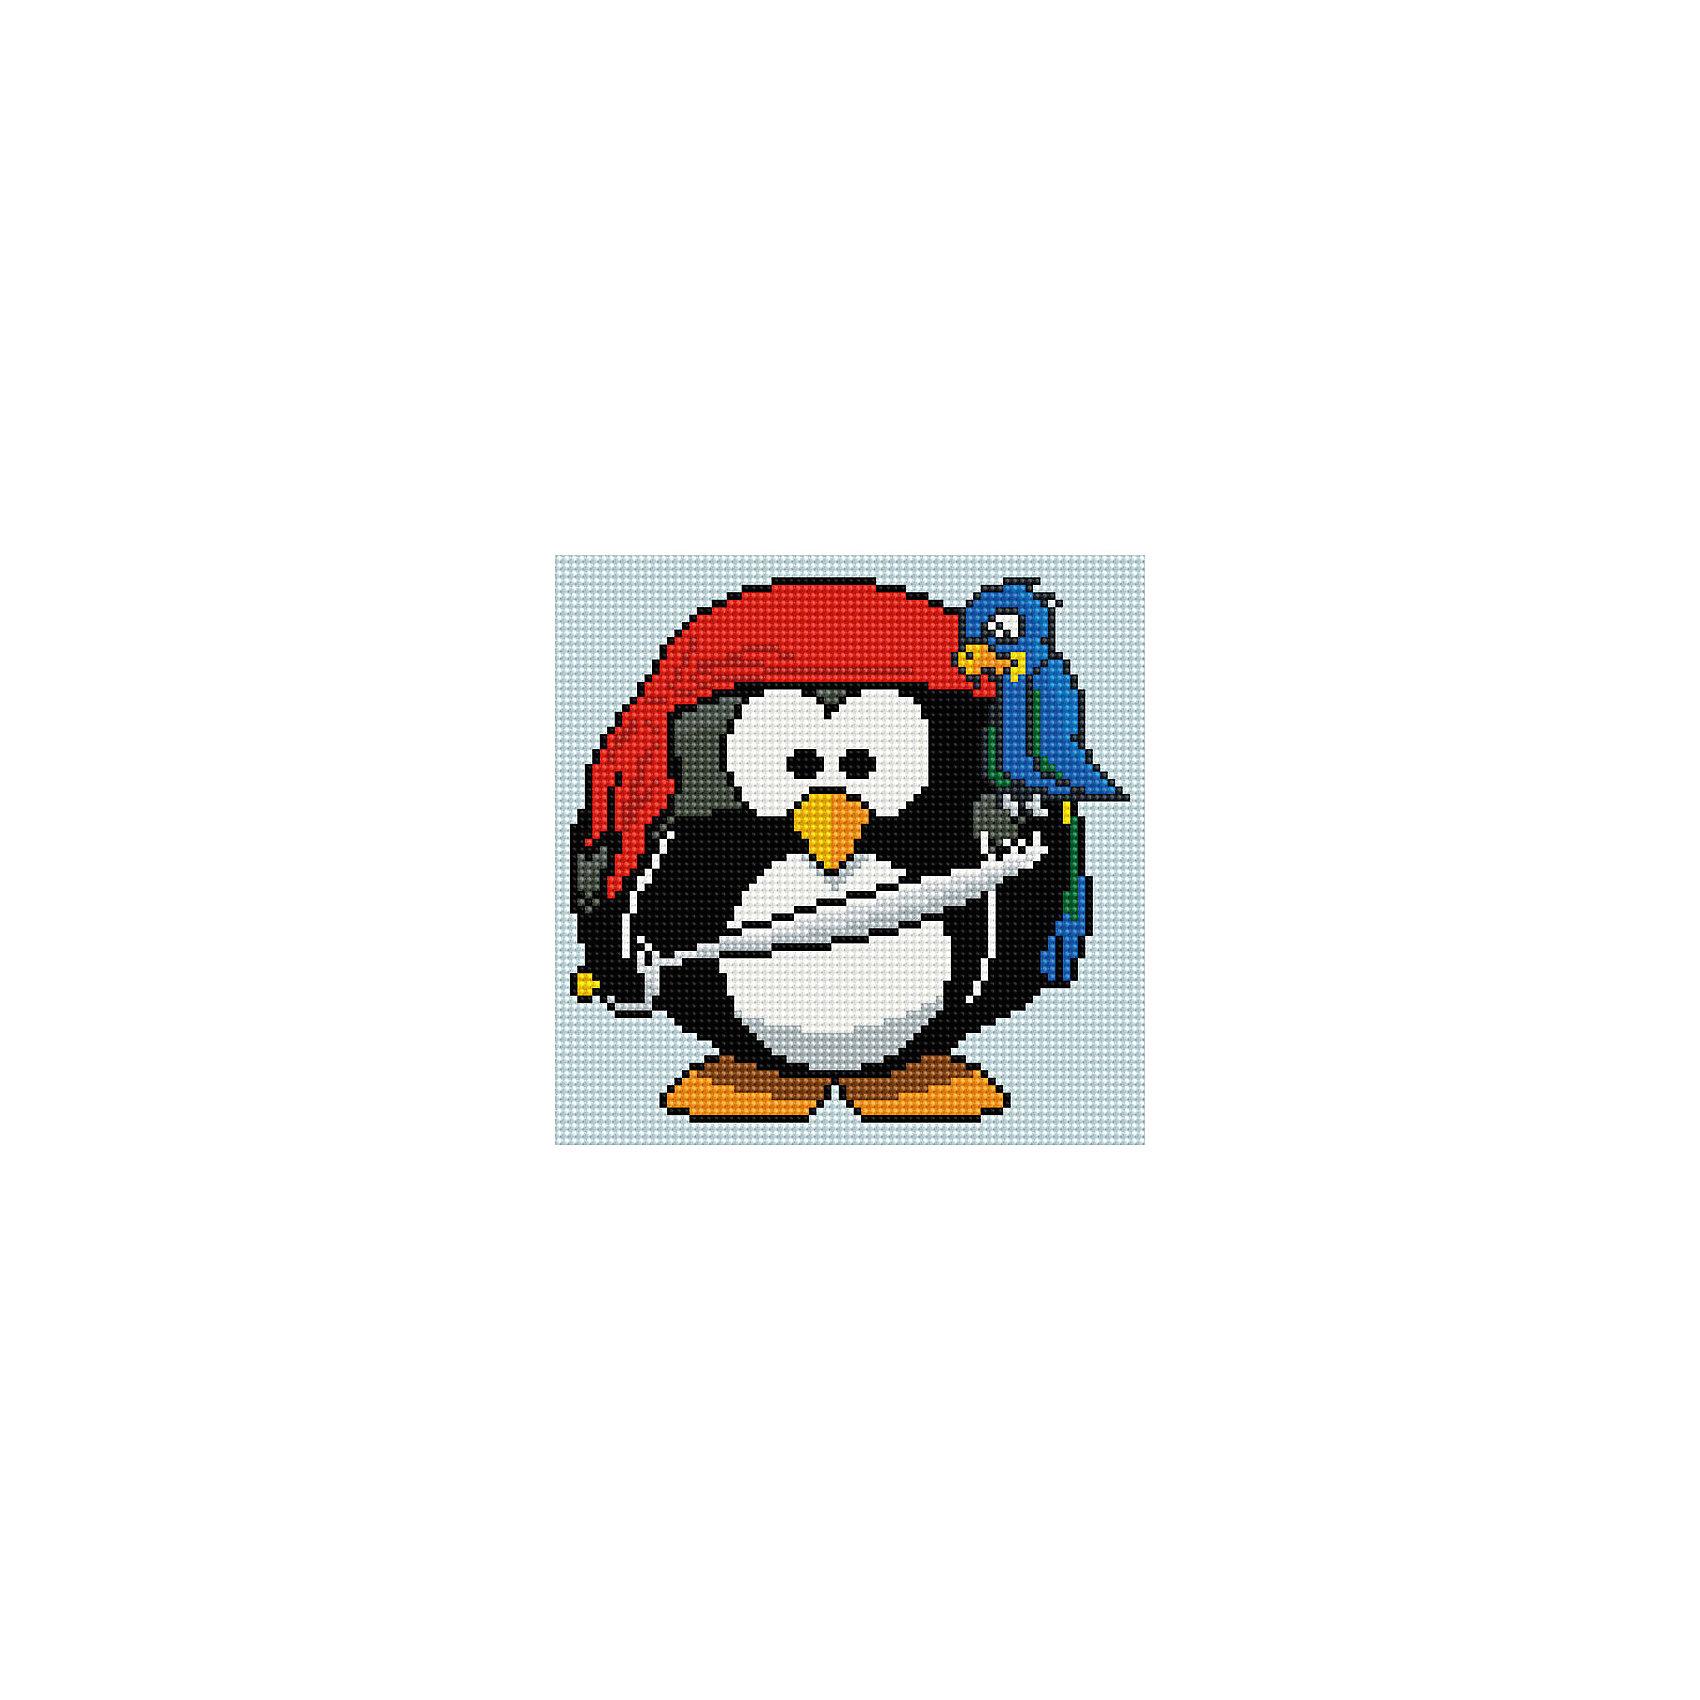 Алмазная мозаика по номерам Пингвин 20*20 см, на подрамникеАлмазная мозаика по номерам Пингвин 20*20 см, на подрамнике от известного торгового бренда товаров для творчества TUKZAR предназначена для детей школьного возраста. Набор состоит из усиленного холста на подрамнике и набора декоратиных элементов для выкладывания узора. Узор заполняется по всей поверхности. Занятия с мозаикой будут способствовать развитию у вашего ребенка внимательности, усидчивости, умению действовать по образцу. Созданные в технике мозаики от TUKZAR декоративные картины можно использовать для оформления интерьера или в качестве подарка родным и близким к любому празднику.<br><br>Дополнительная информация:<br><br>- Предназначение: для занятий художественным творчеством, для развивающих занятий<br>- Пол: универсальный<br>- Материал: текстиль, ПВХ<br>- Комплектация: холст на подрамнике, элементы для выкладывания рисунка<br>- Размеры (Ш*В): 20*20 см<br><br>Подробнее:<br><br>• Для детей в возрасте: от 7 лет <br>• Страна производитель: Китай<br>• Торговый бренд: TUKZAR<br><br>Алмазную мозаику по номерам Пингвин 20*20 см, на подрамнике можно купить в нашем интернет-магазине.<br><br>Ширина мм: 200<br>Глубина мм: 200<br>Высота мм: 20<br>Вес г: 500<br>Возраст от месяцев: 60<br>Возраст до месяцев: 2147483647<br>Пол: Унисекс<br>Возраст: Детский<br>SKU: 5001460